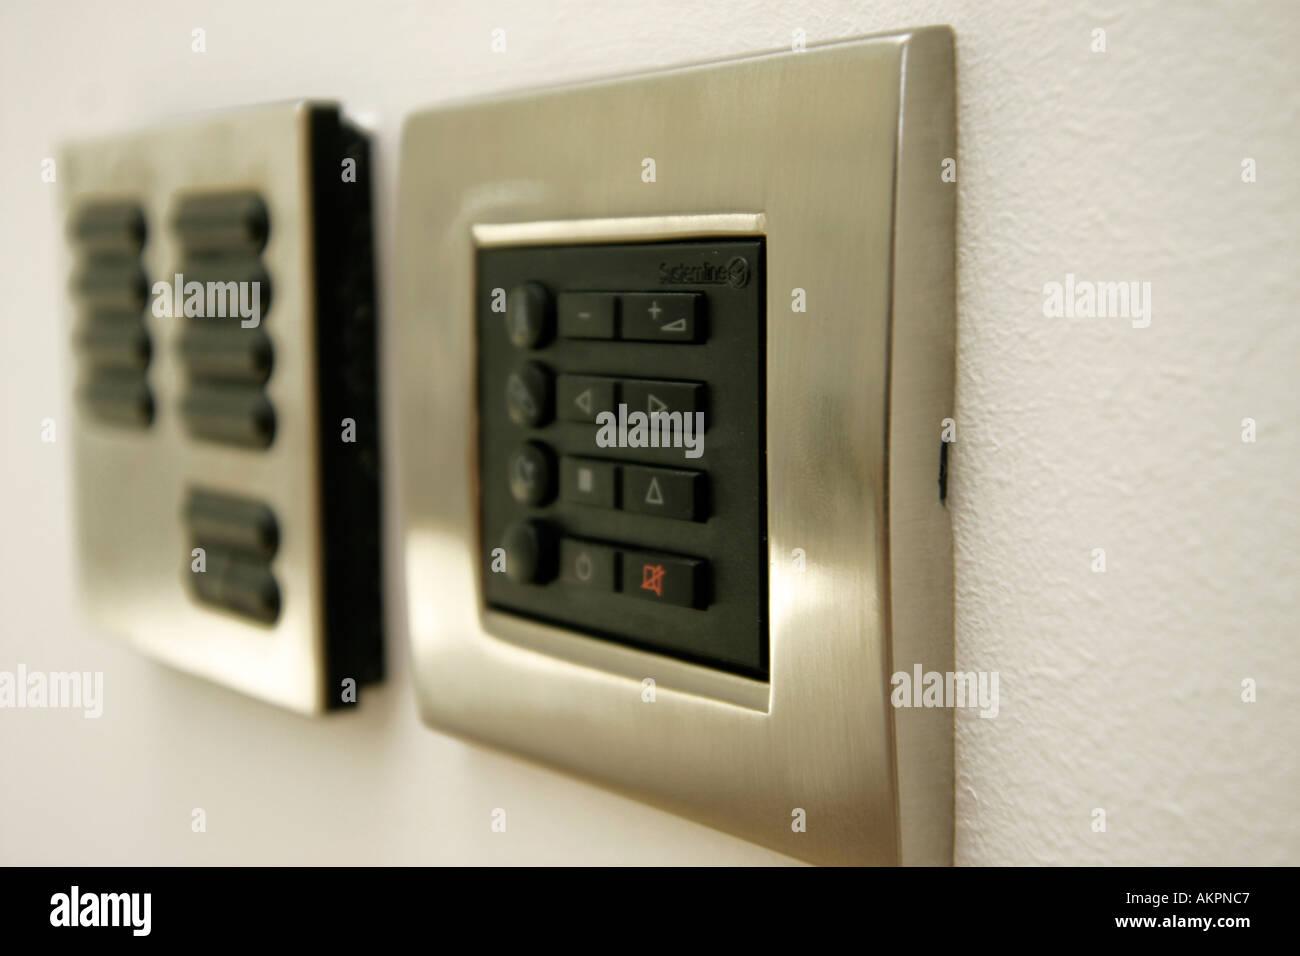 Illuminazione Ingresso Appartamento : Illuminazione pannello di controllo e porta ingresso sistema su un